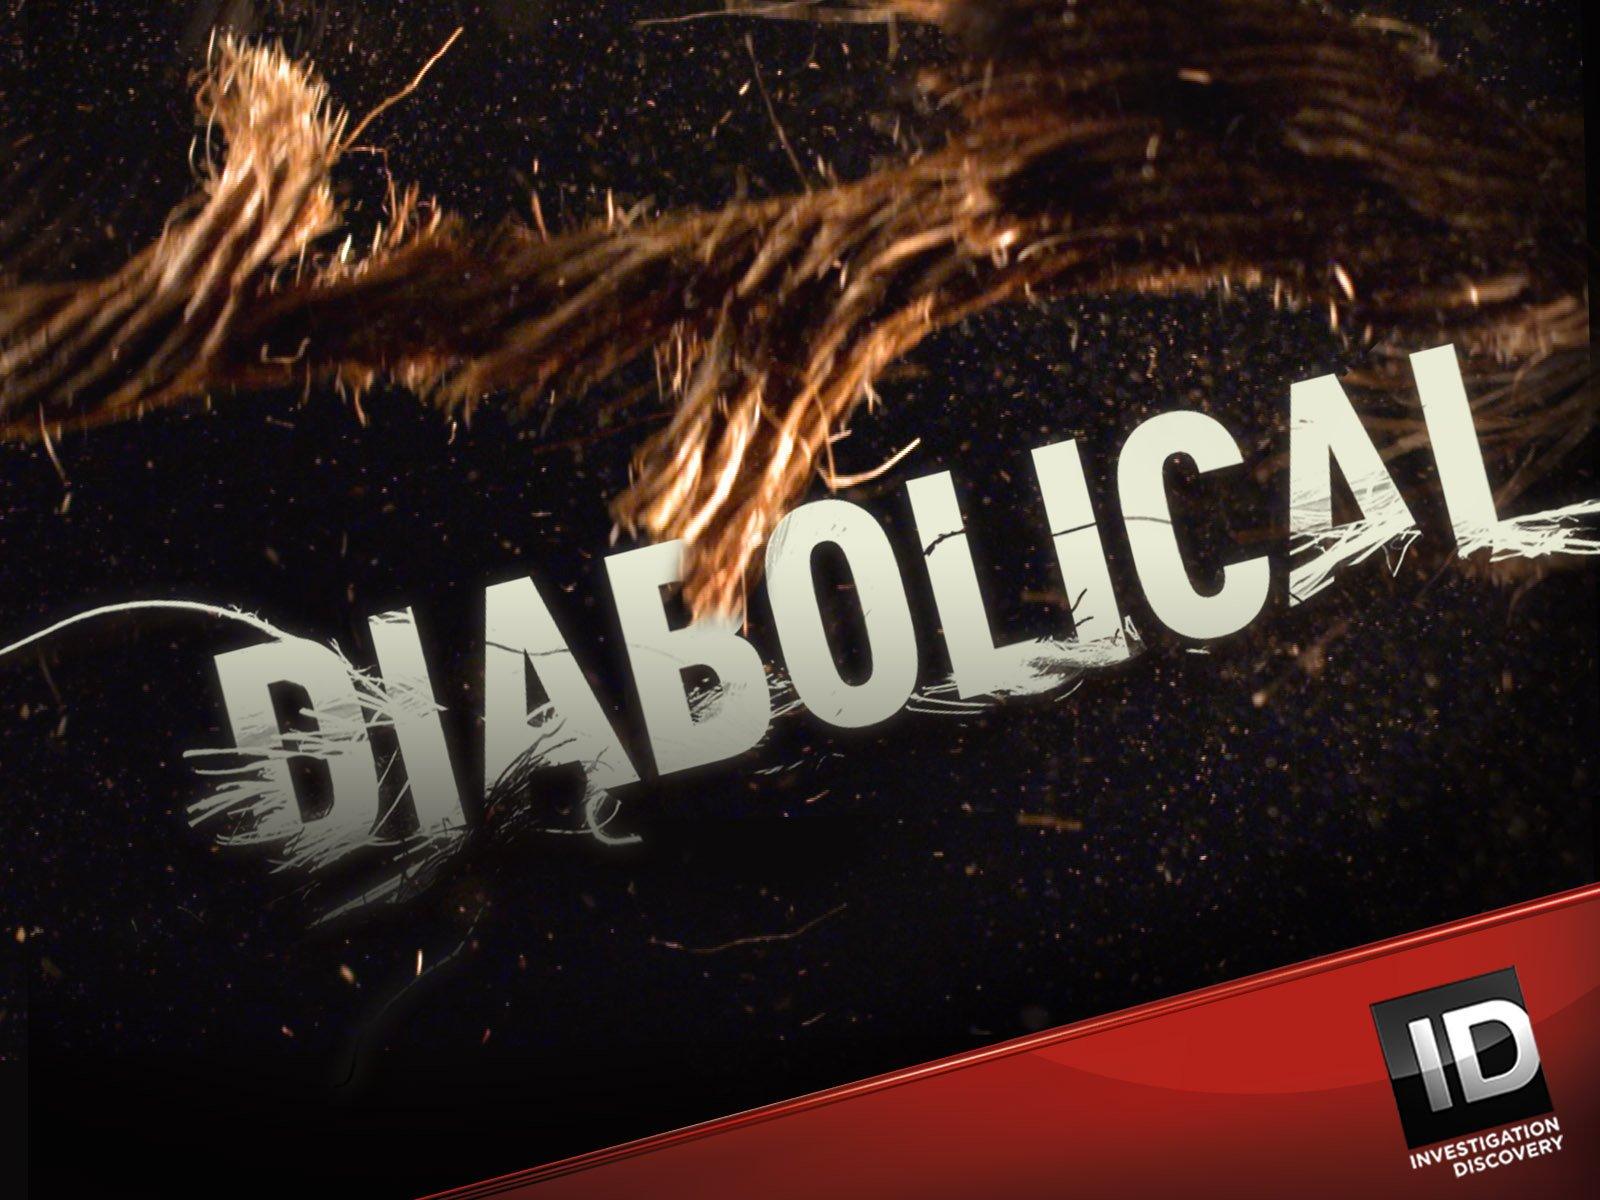 Watch Diabolical Season 1 Prime Video